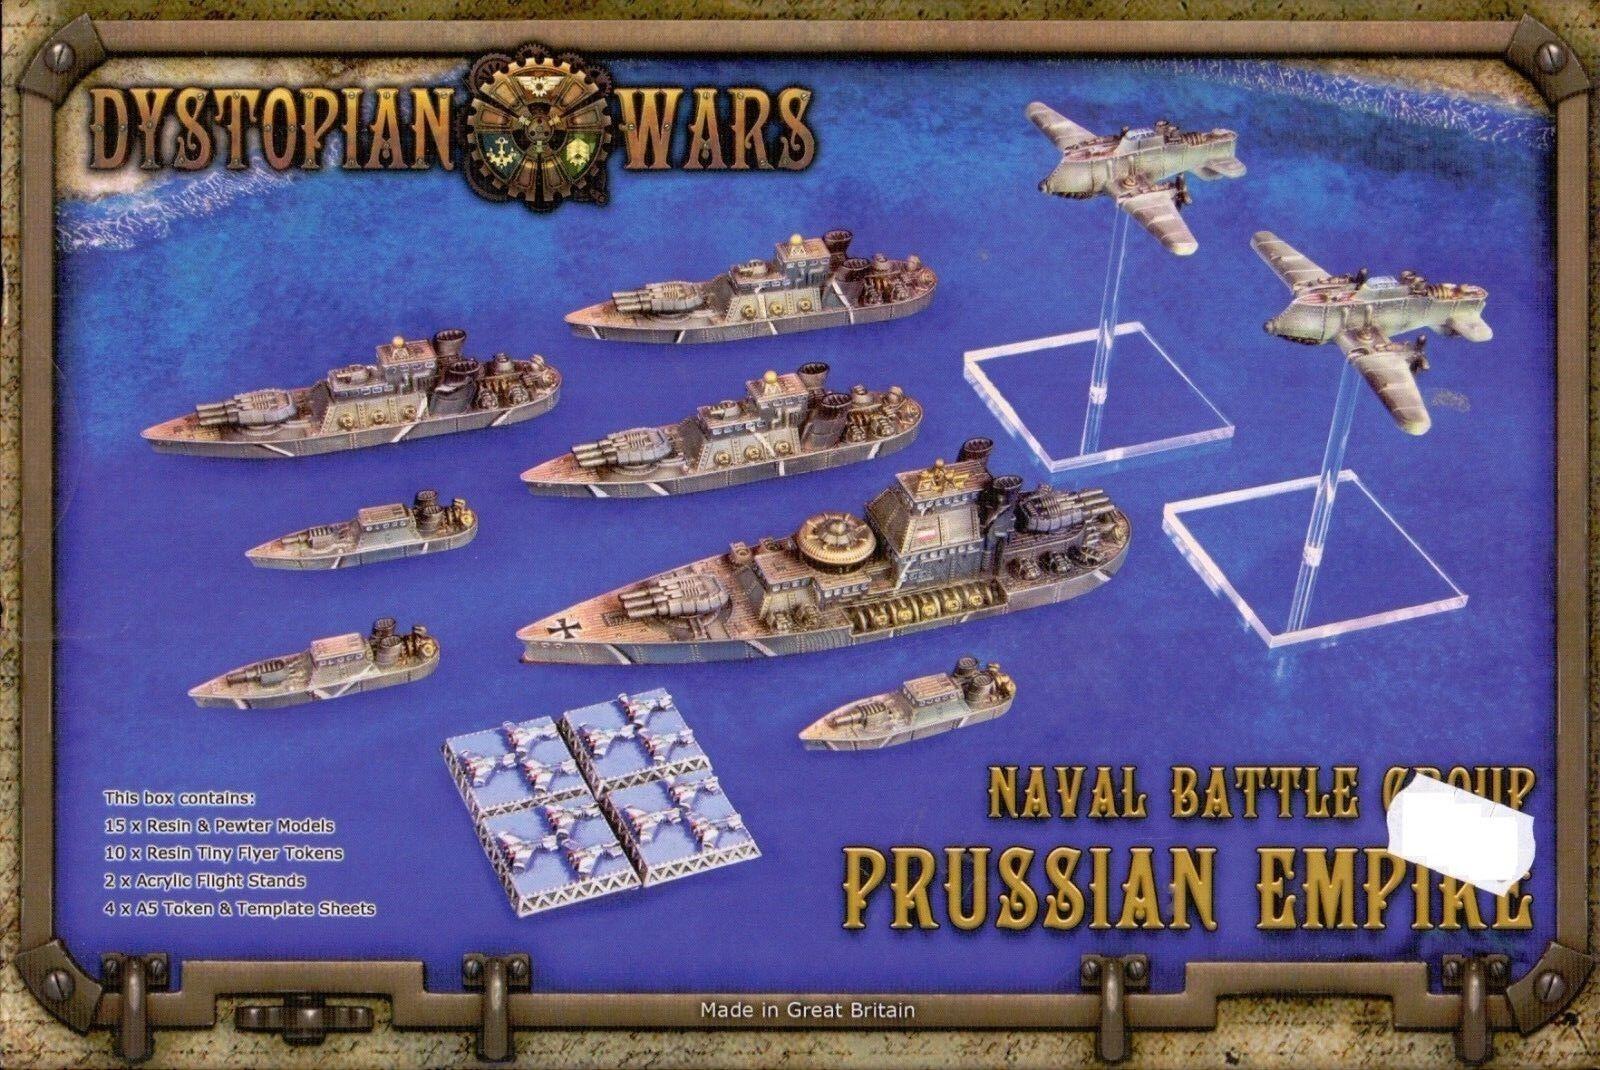 SPARTANO GAMES DISTOPICO WARS NAUTICO BATTAGLIA PRUSSIANO IMPERO BOX